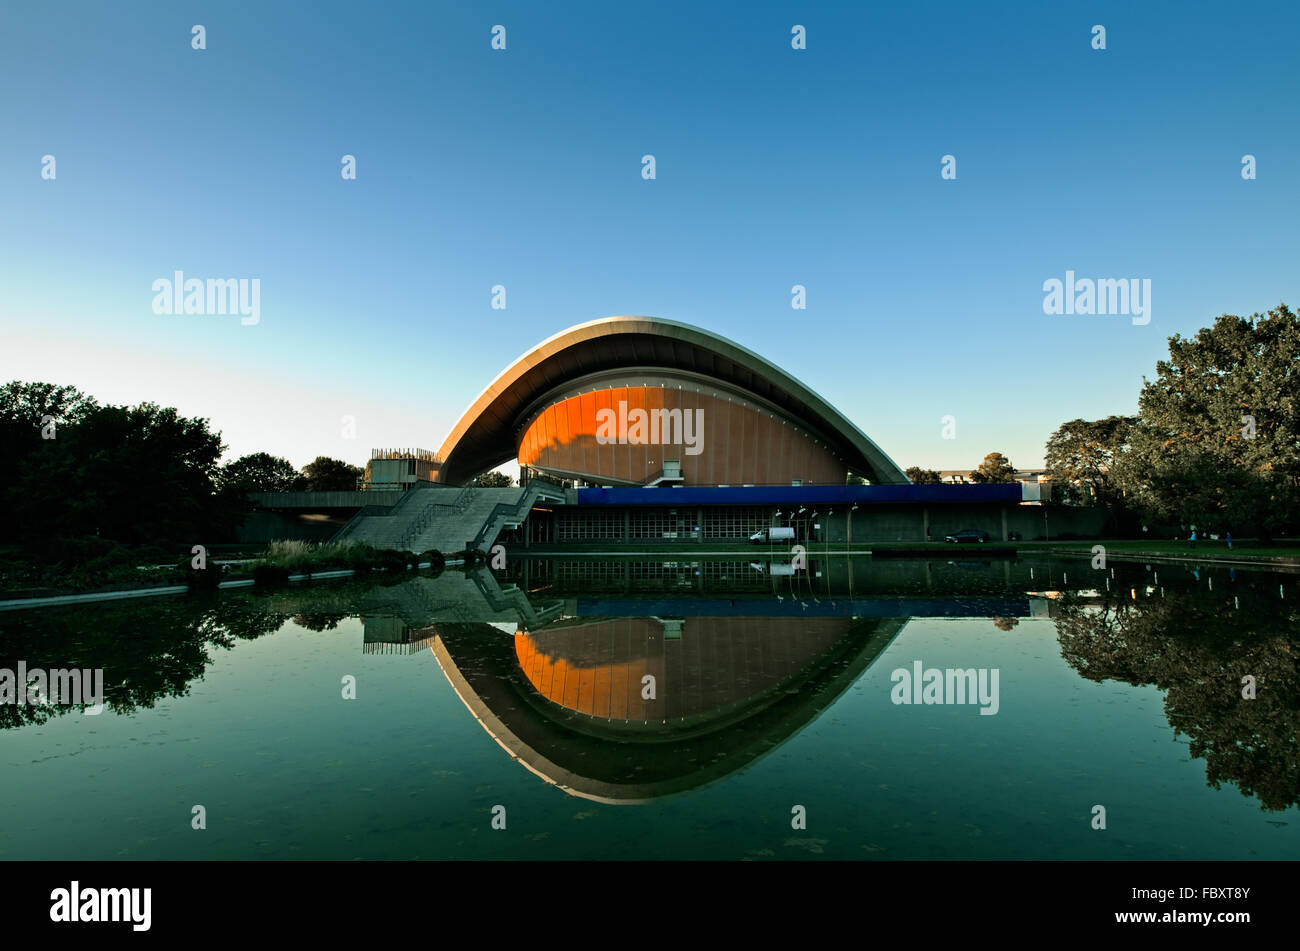 Berlin Haus der kulturen der Welt - Stock Image